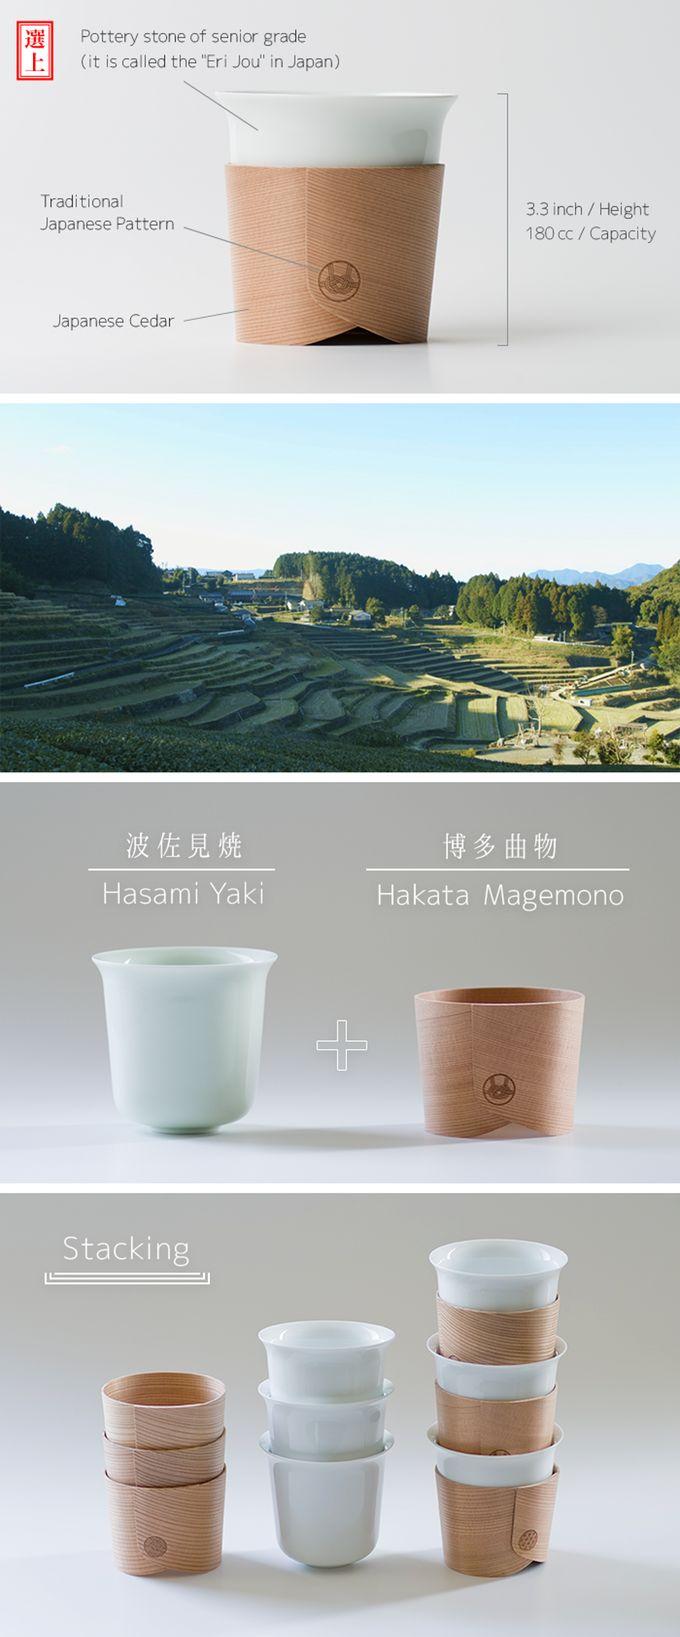 Haori Cup : Japanese bentwood drink wear by Oort (Tomoya Nasuda) — Kickstarter